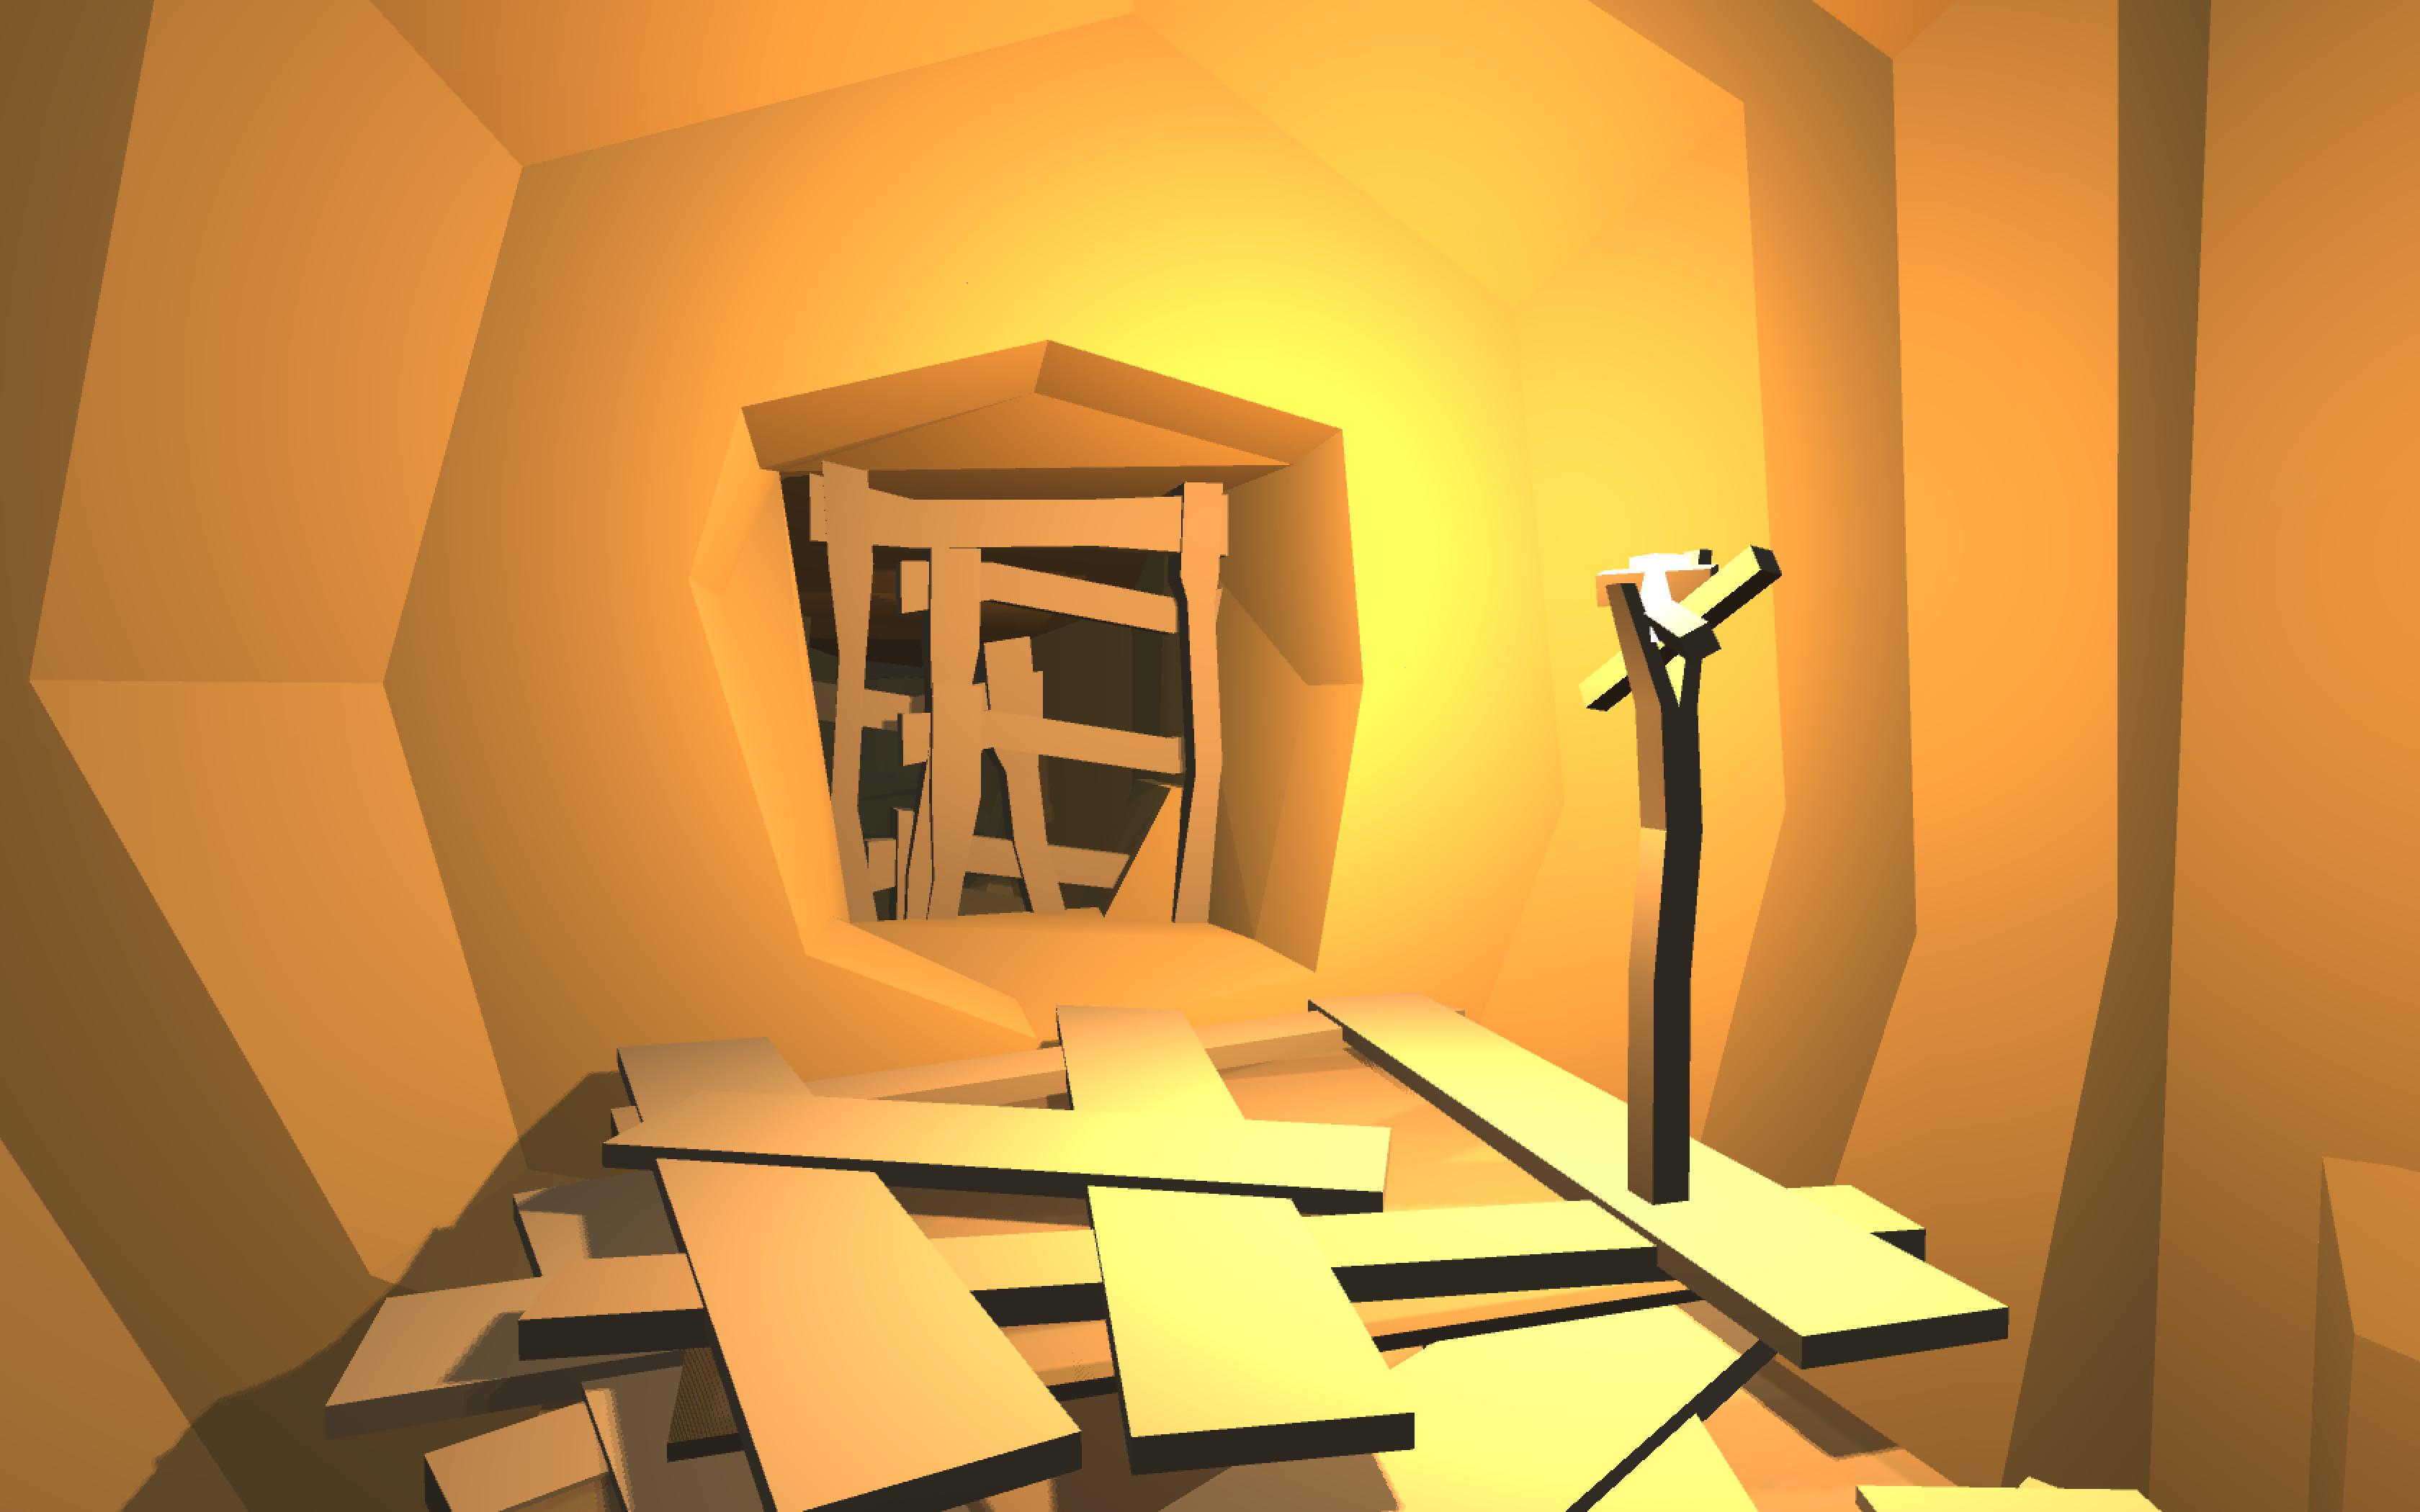 Level 3 Image 2